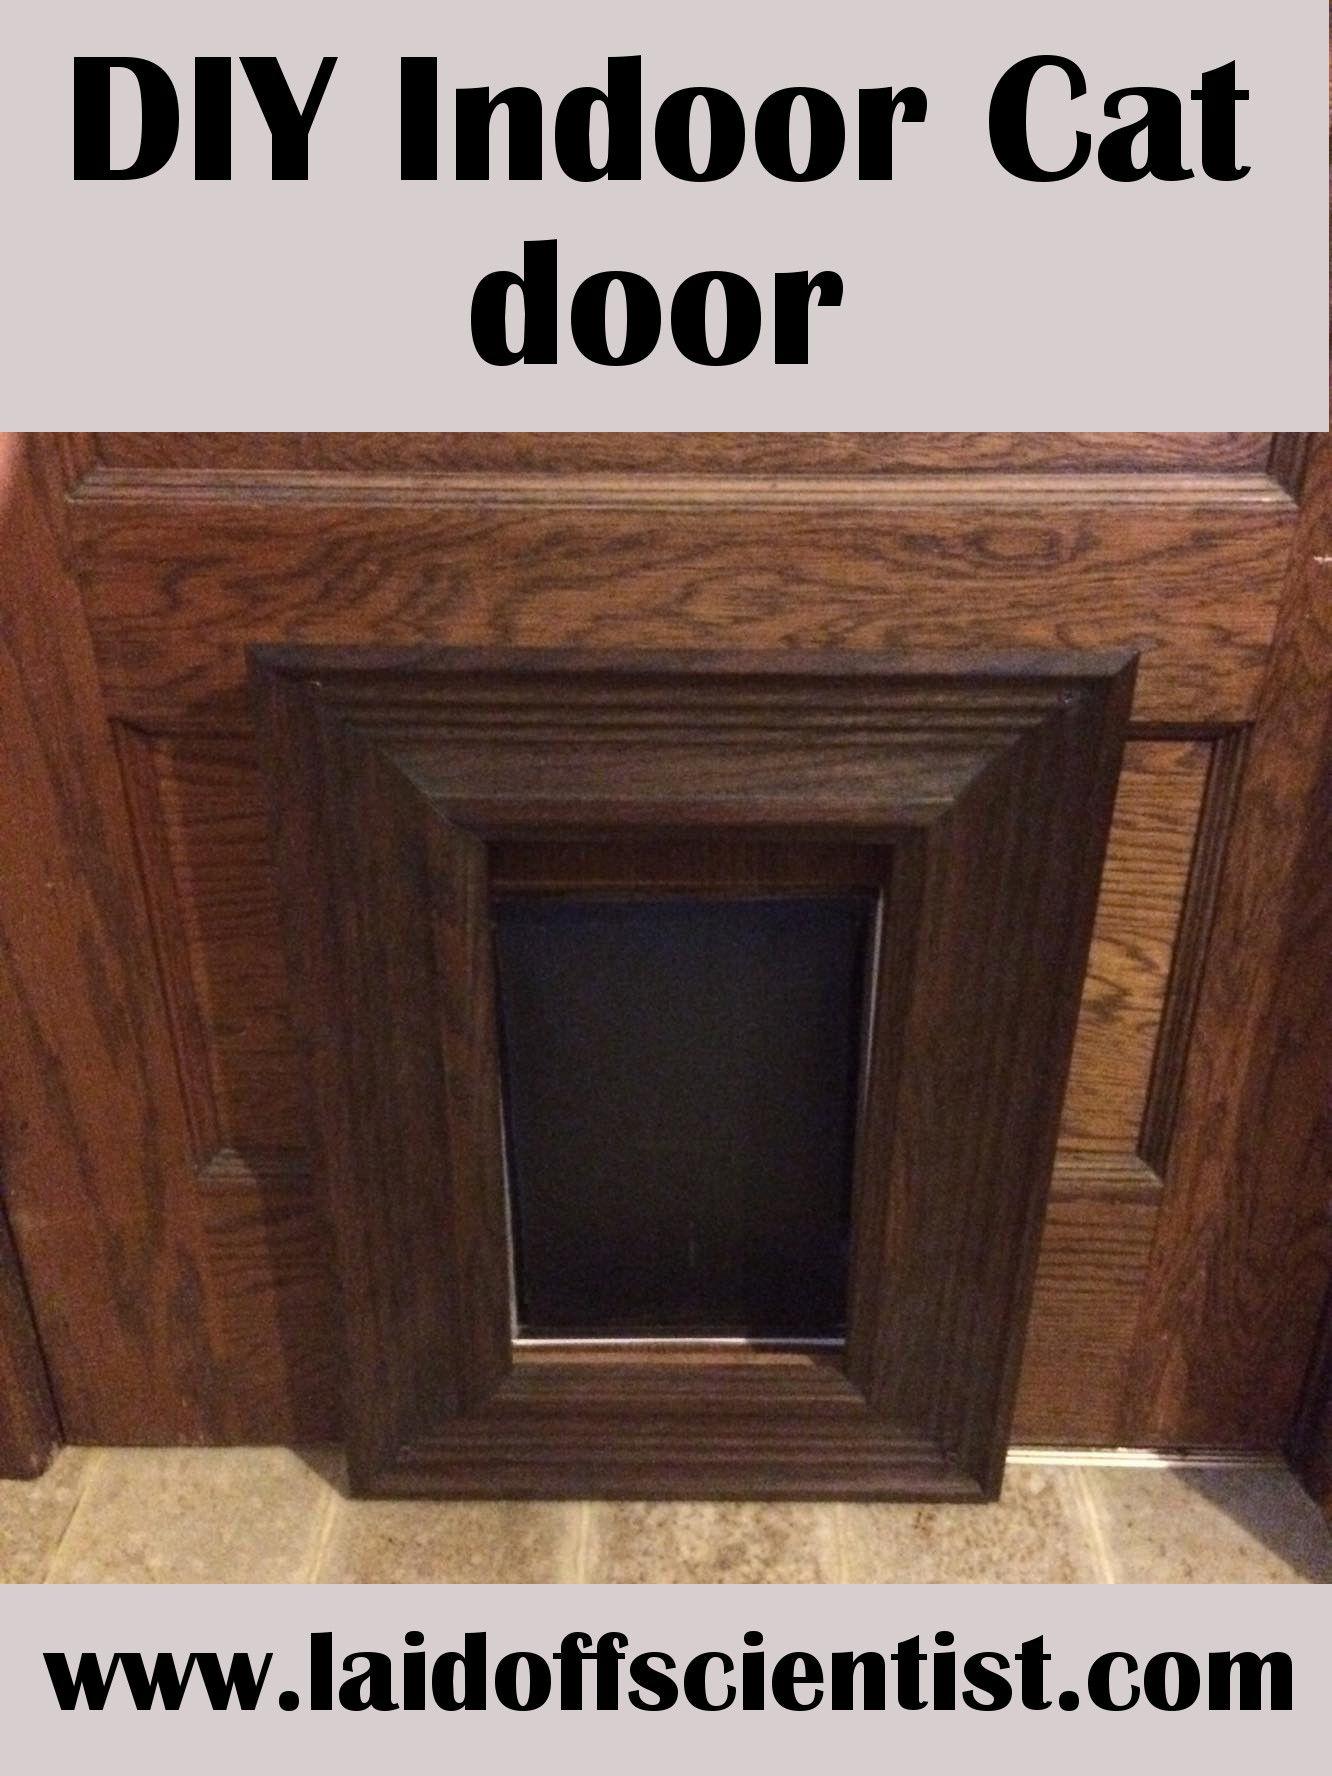 Diy indoor cat door laidoff scientist cat door diy